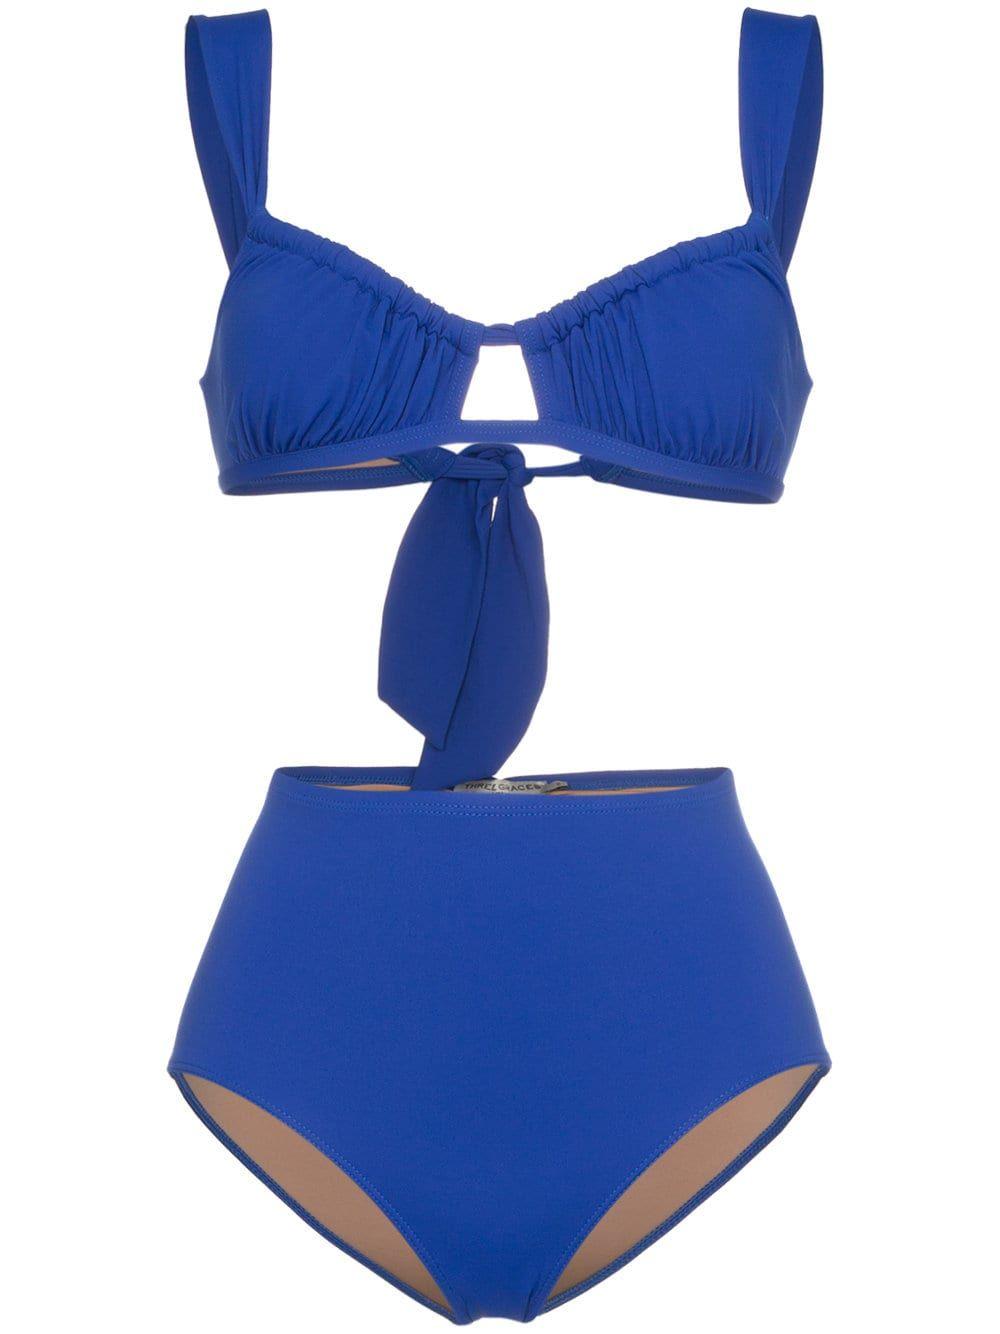 a38a6a15cdd Three Graces Bridget gathered bikini top - Blue | Sunbabing Worthy ...